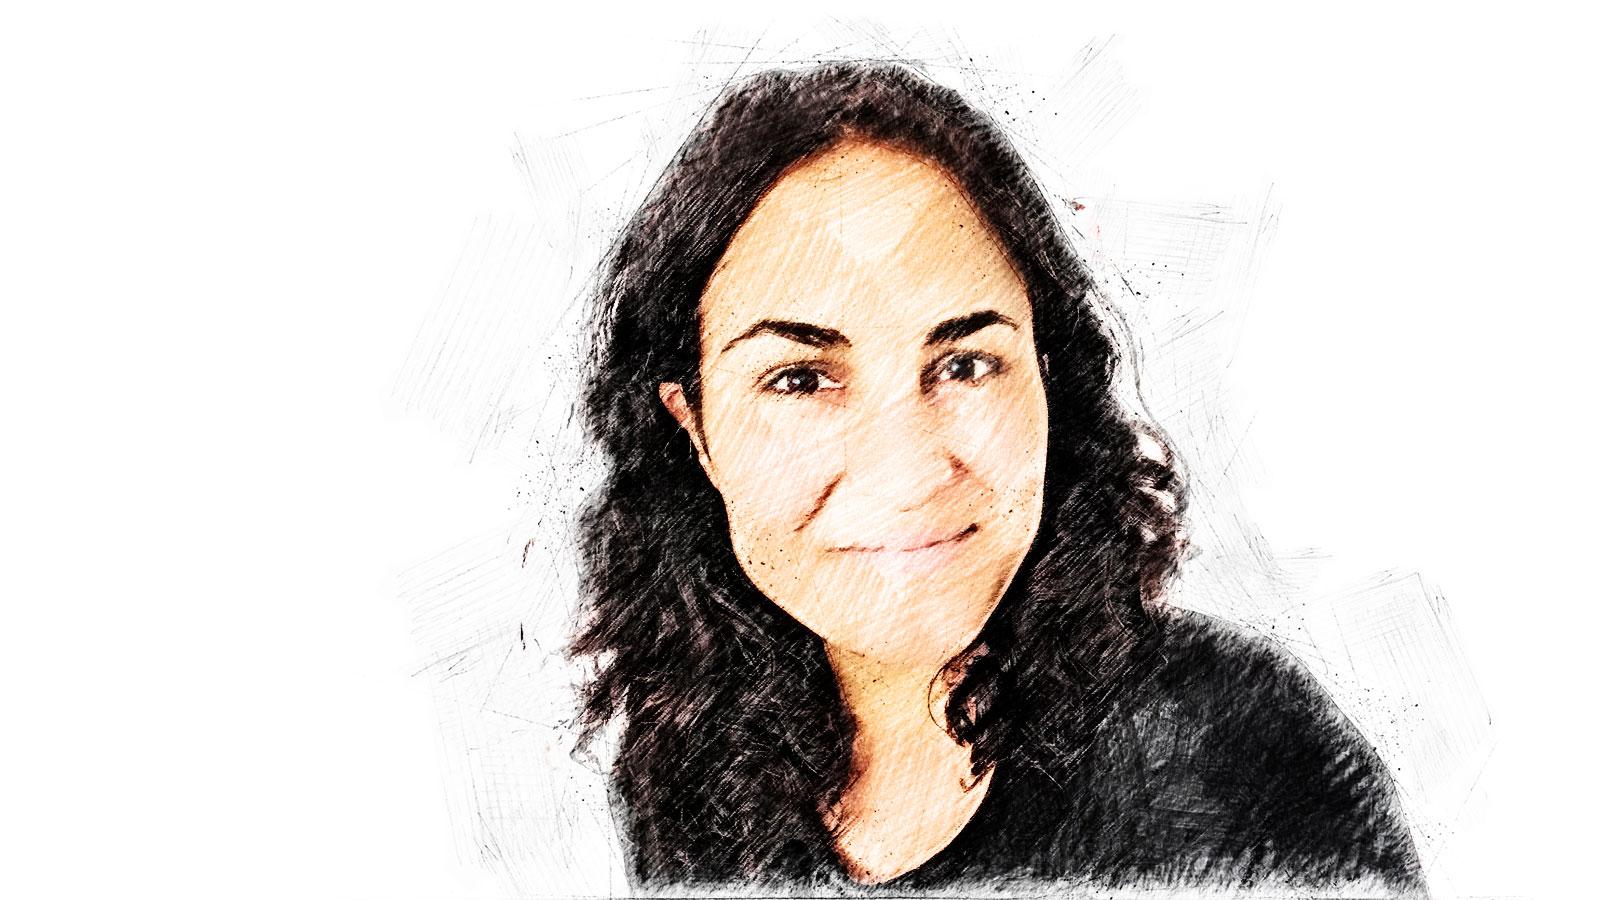 Nadiye Ünsal, MiGAZIN, Diskriminierung, Menschenrechte, Rassismus